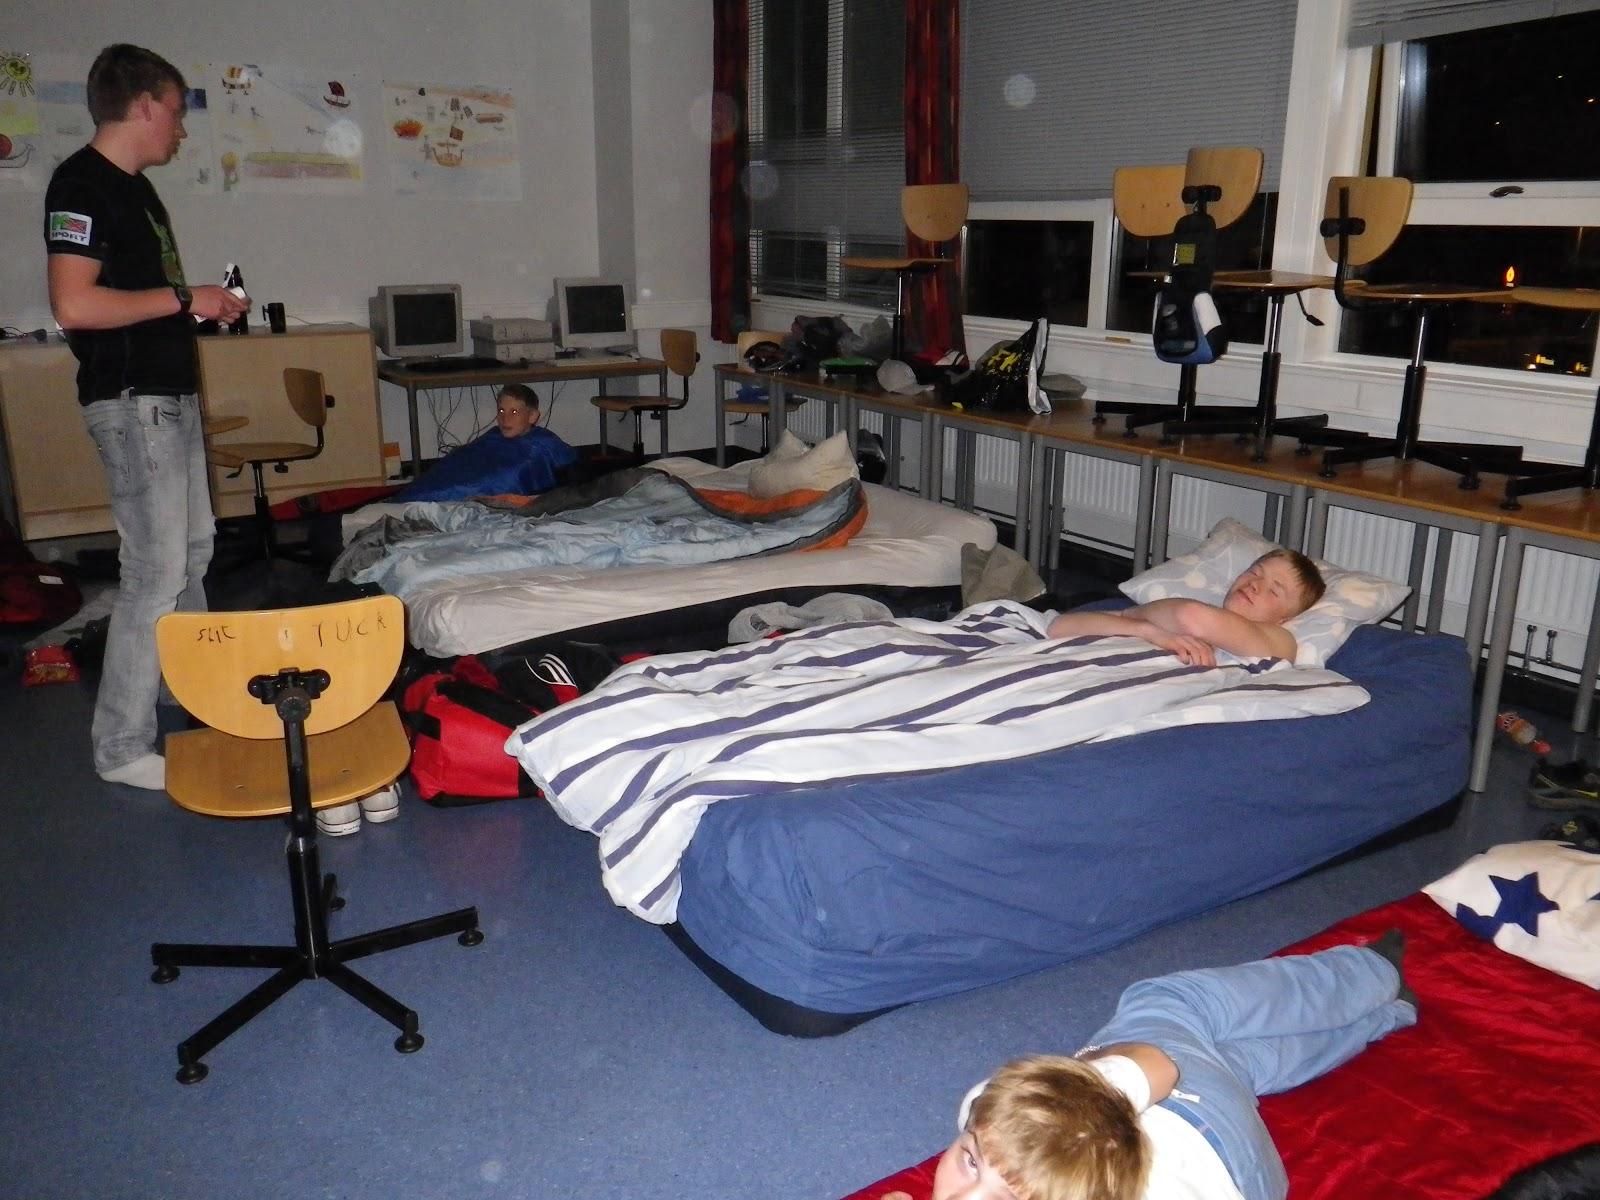 RulleRolf: En stille og rolig natt............. taaa ;ø)